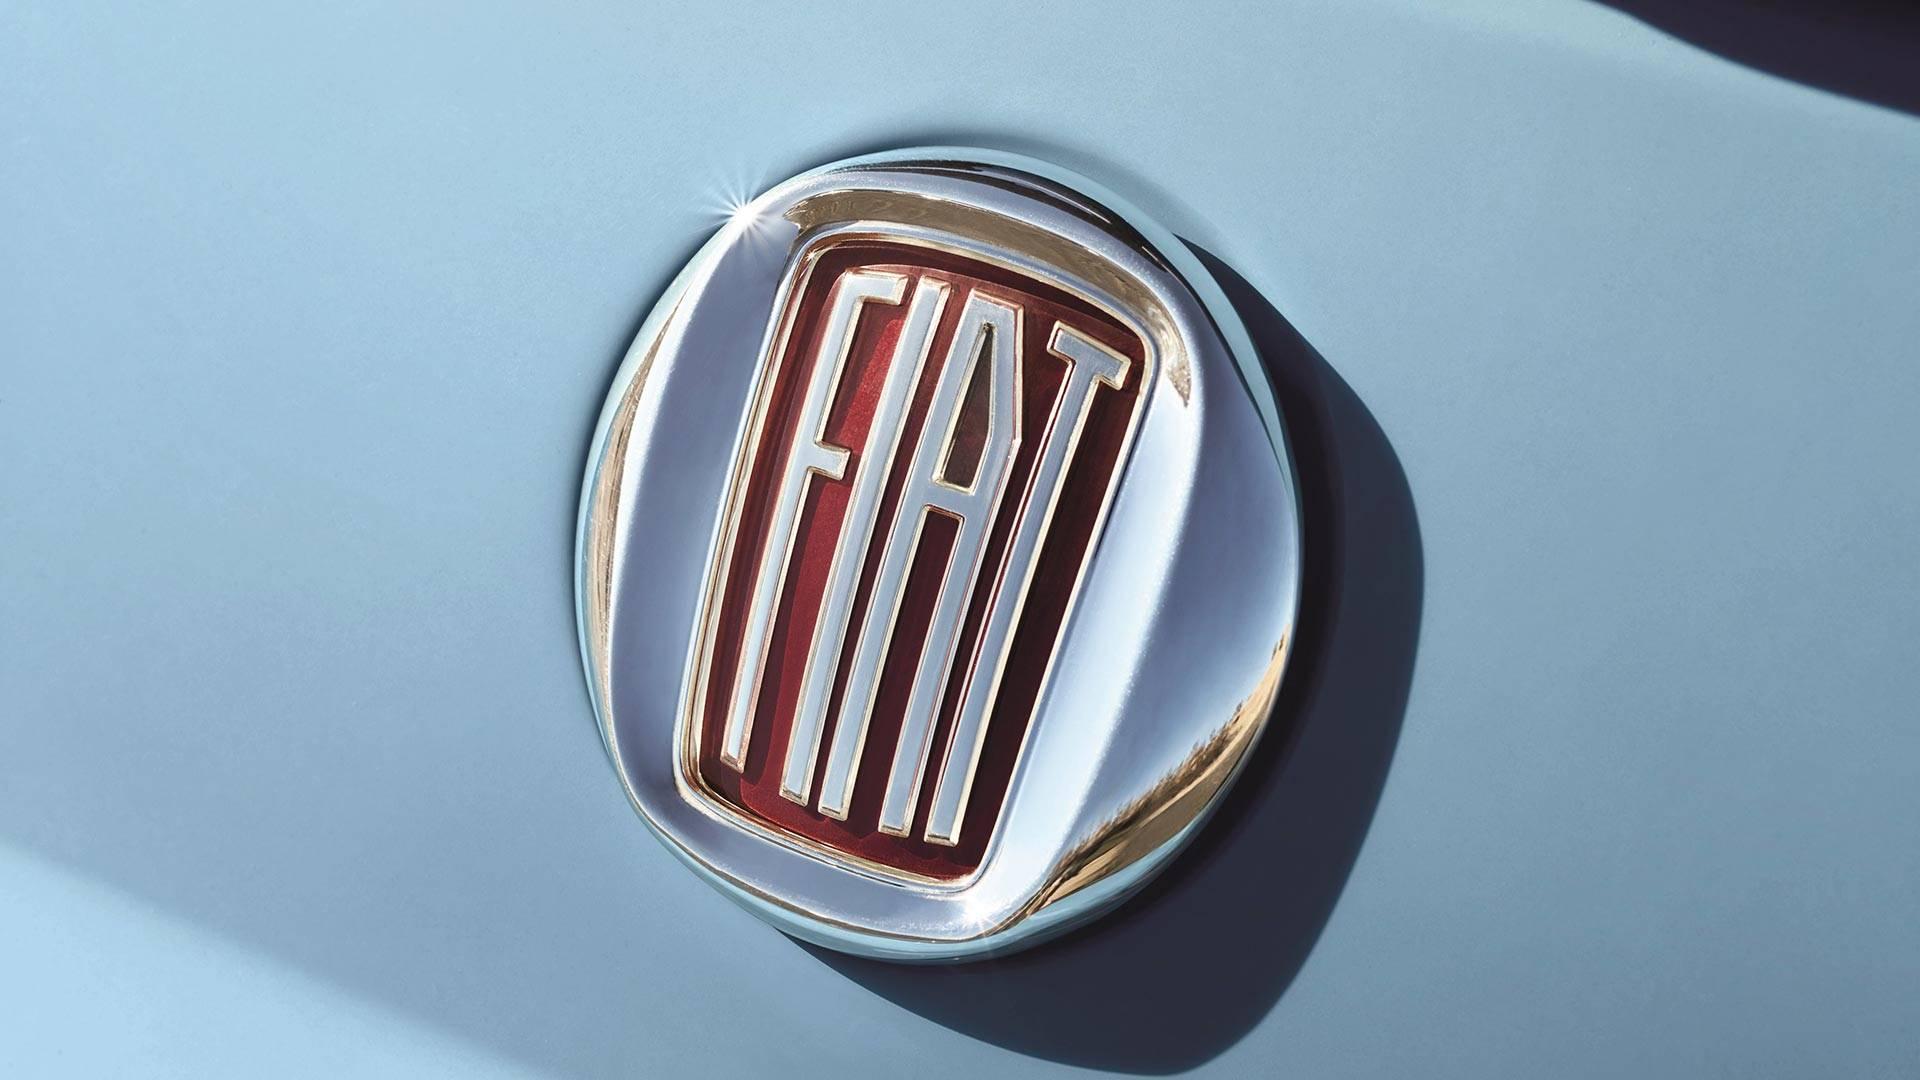 Fiat ги укинува дизел моторите за Panda и моделот 500 во Европа